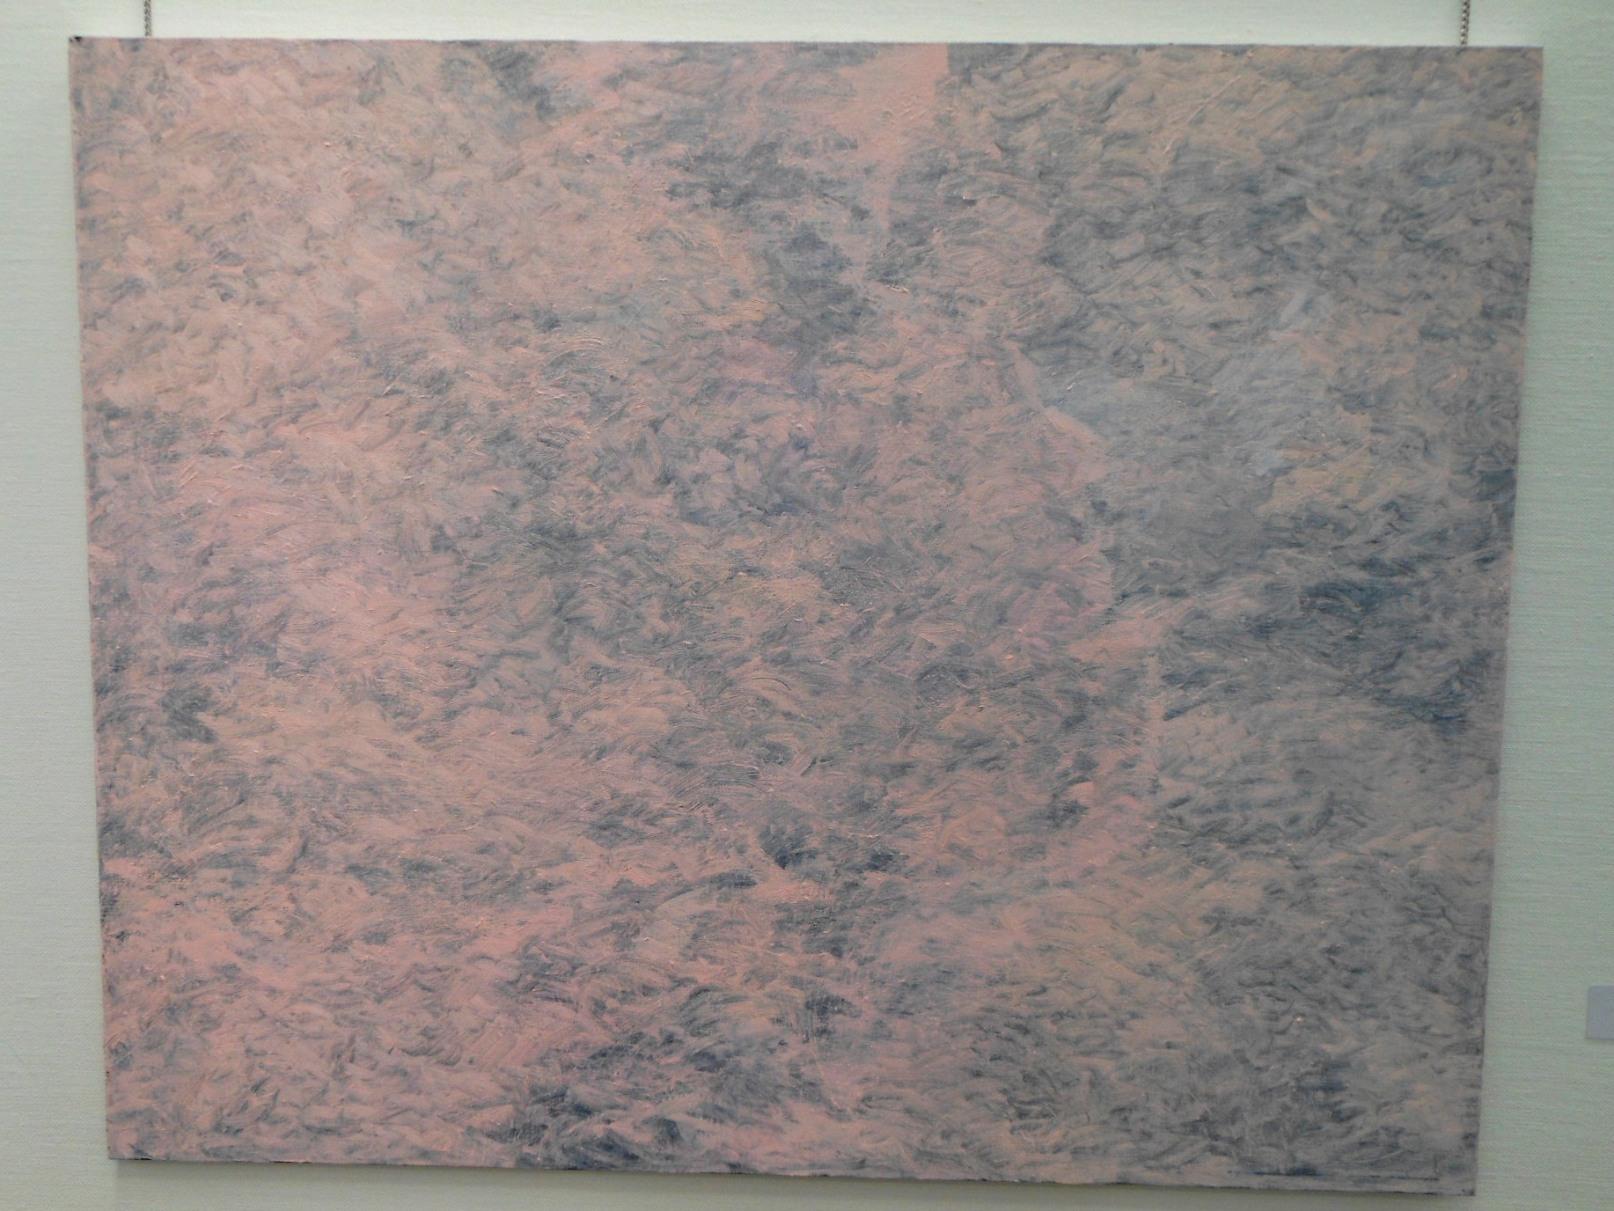 1709)②「北海道抽象派作家協会展 '12 第39回」 市民ギャラリー 終了・4月10日(火)~4月15日(日)_f0126829_9484761.jpg